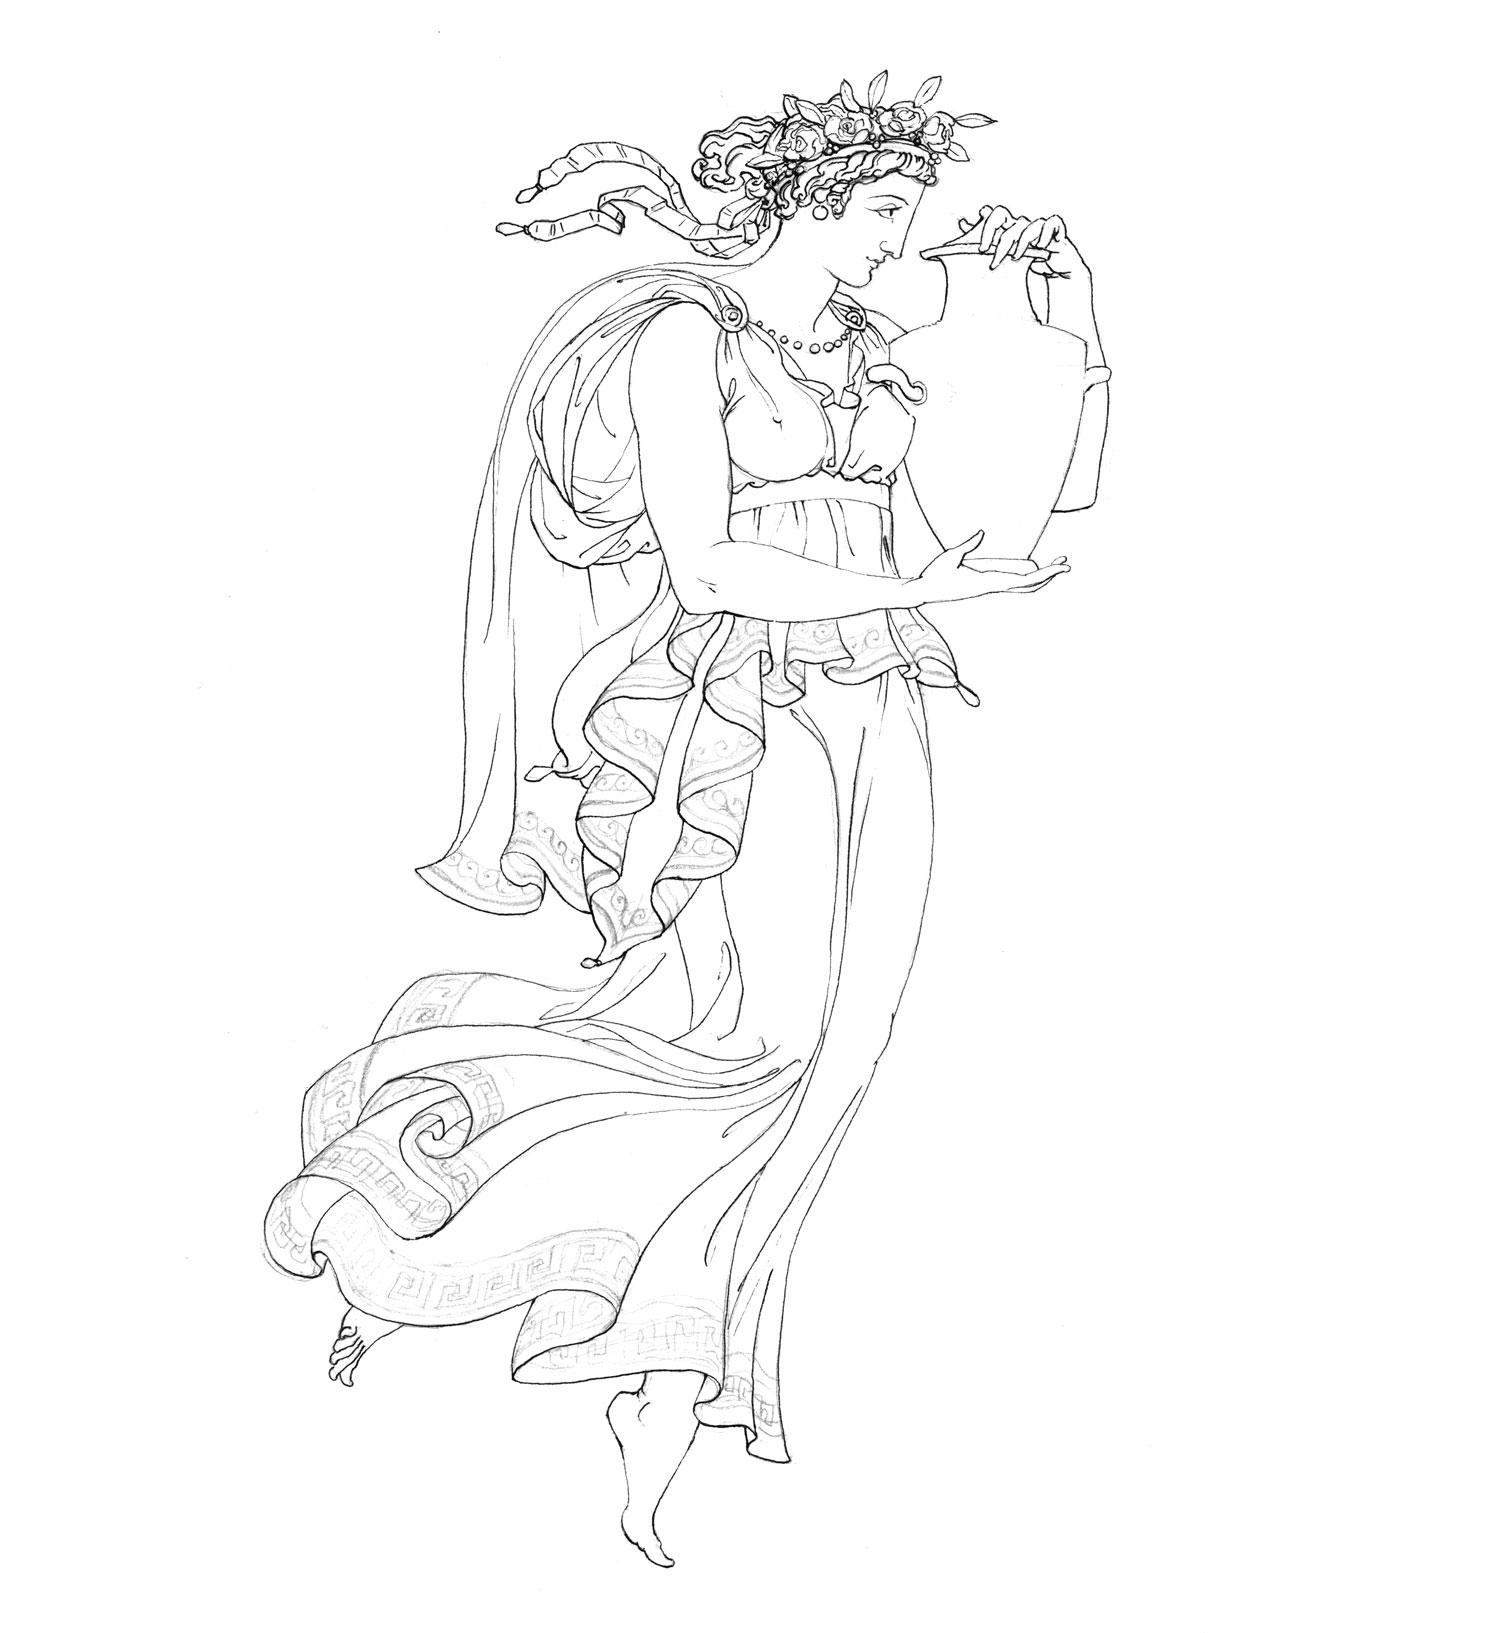 """Vasebearer  2015, Ink on paper, 14 1/4"""" x 10 1/4"""" © Leonard Porter MMXV"""